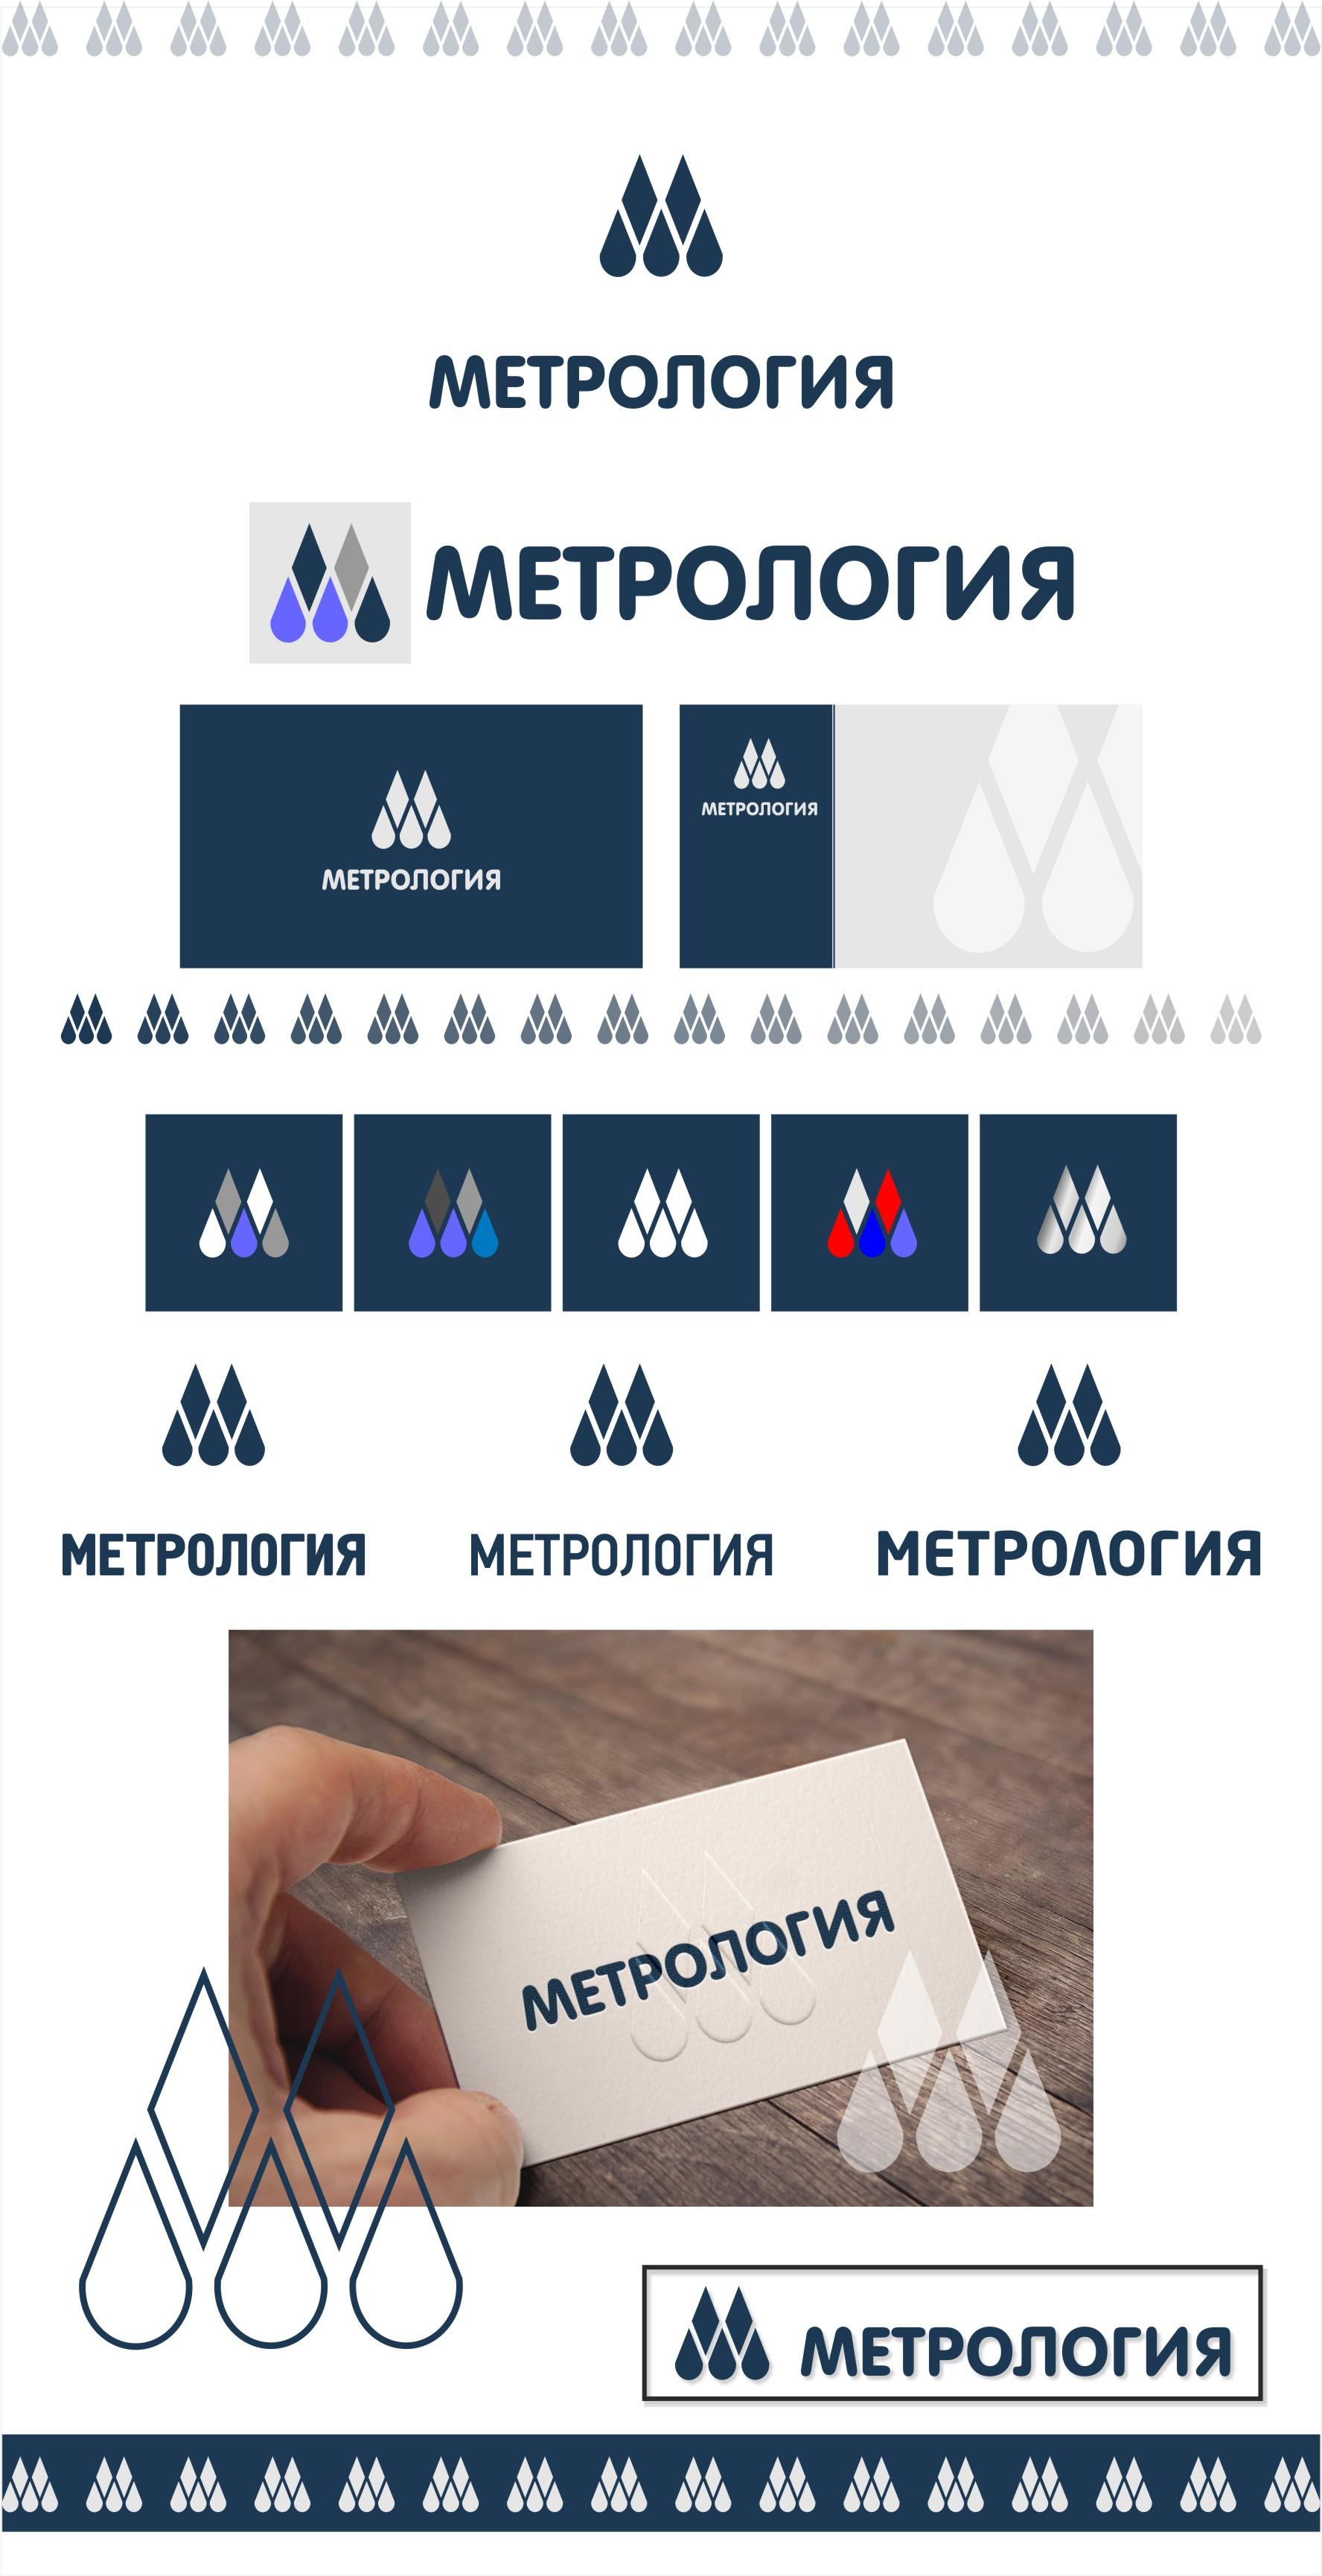 Разработать логотип, визитку, фирменный бланк. фото f_37458ff24a2c28d7.jpg